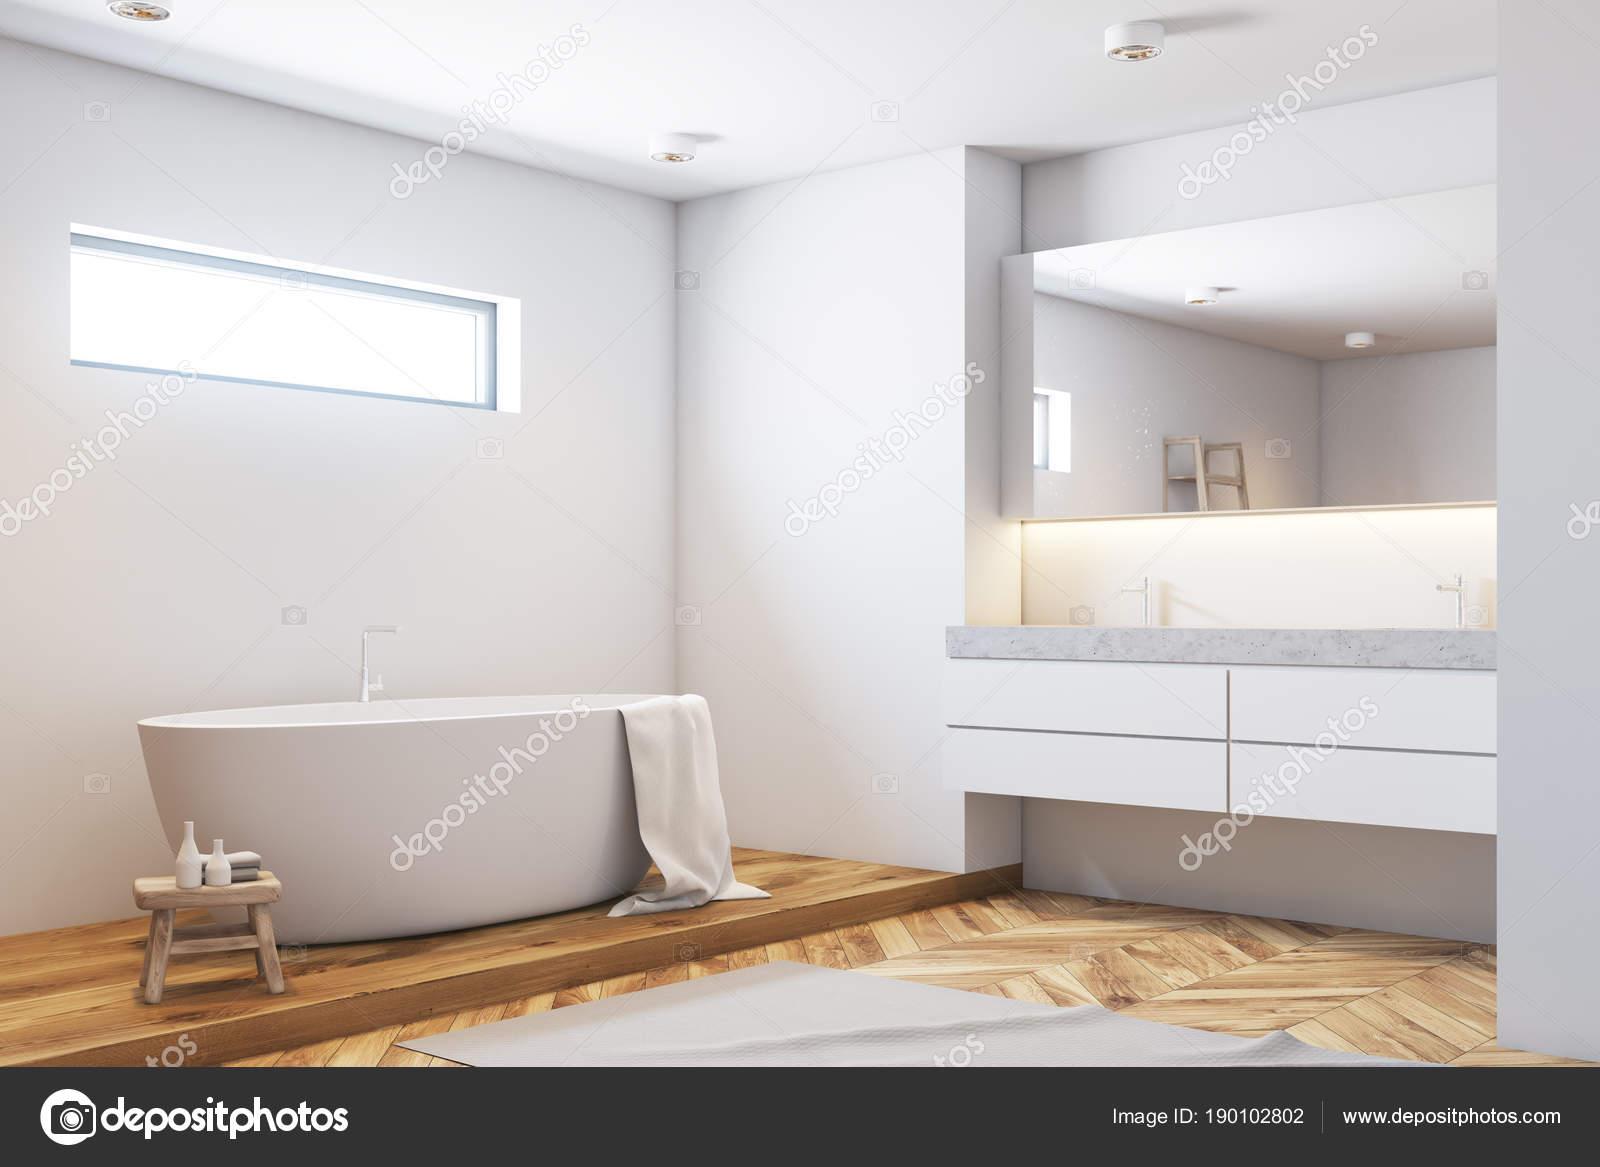 Vasca Da Bagno Stretta : Vasca da bagno bianca angolo bianco legno u foto stock